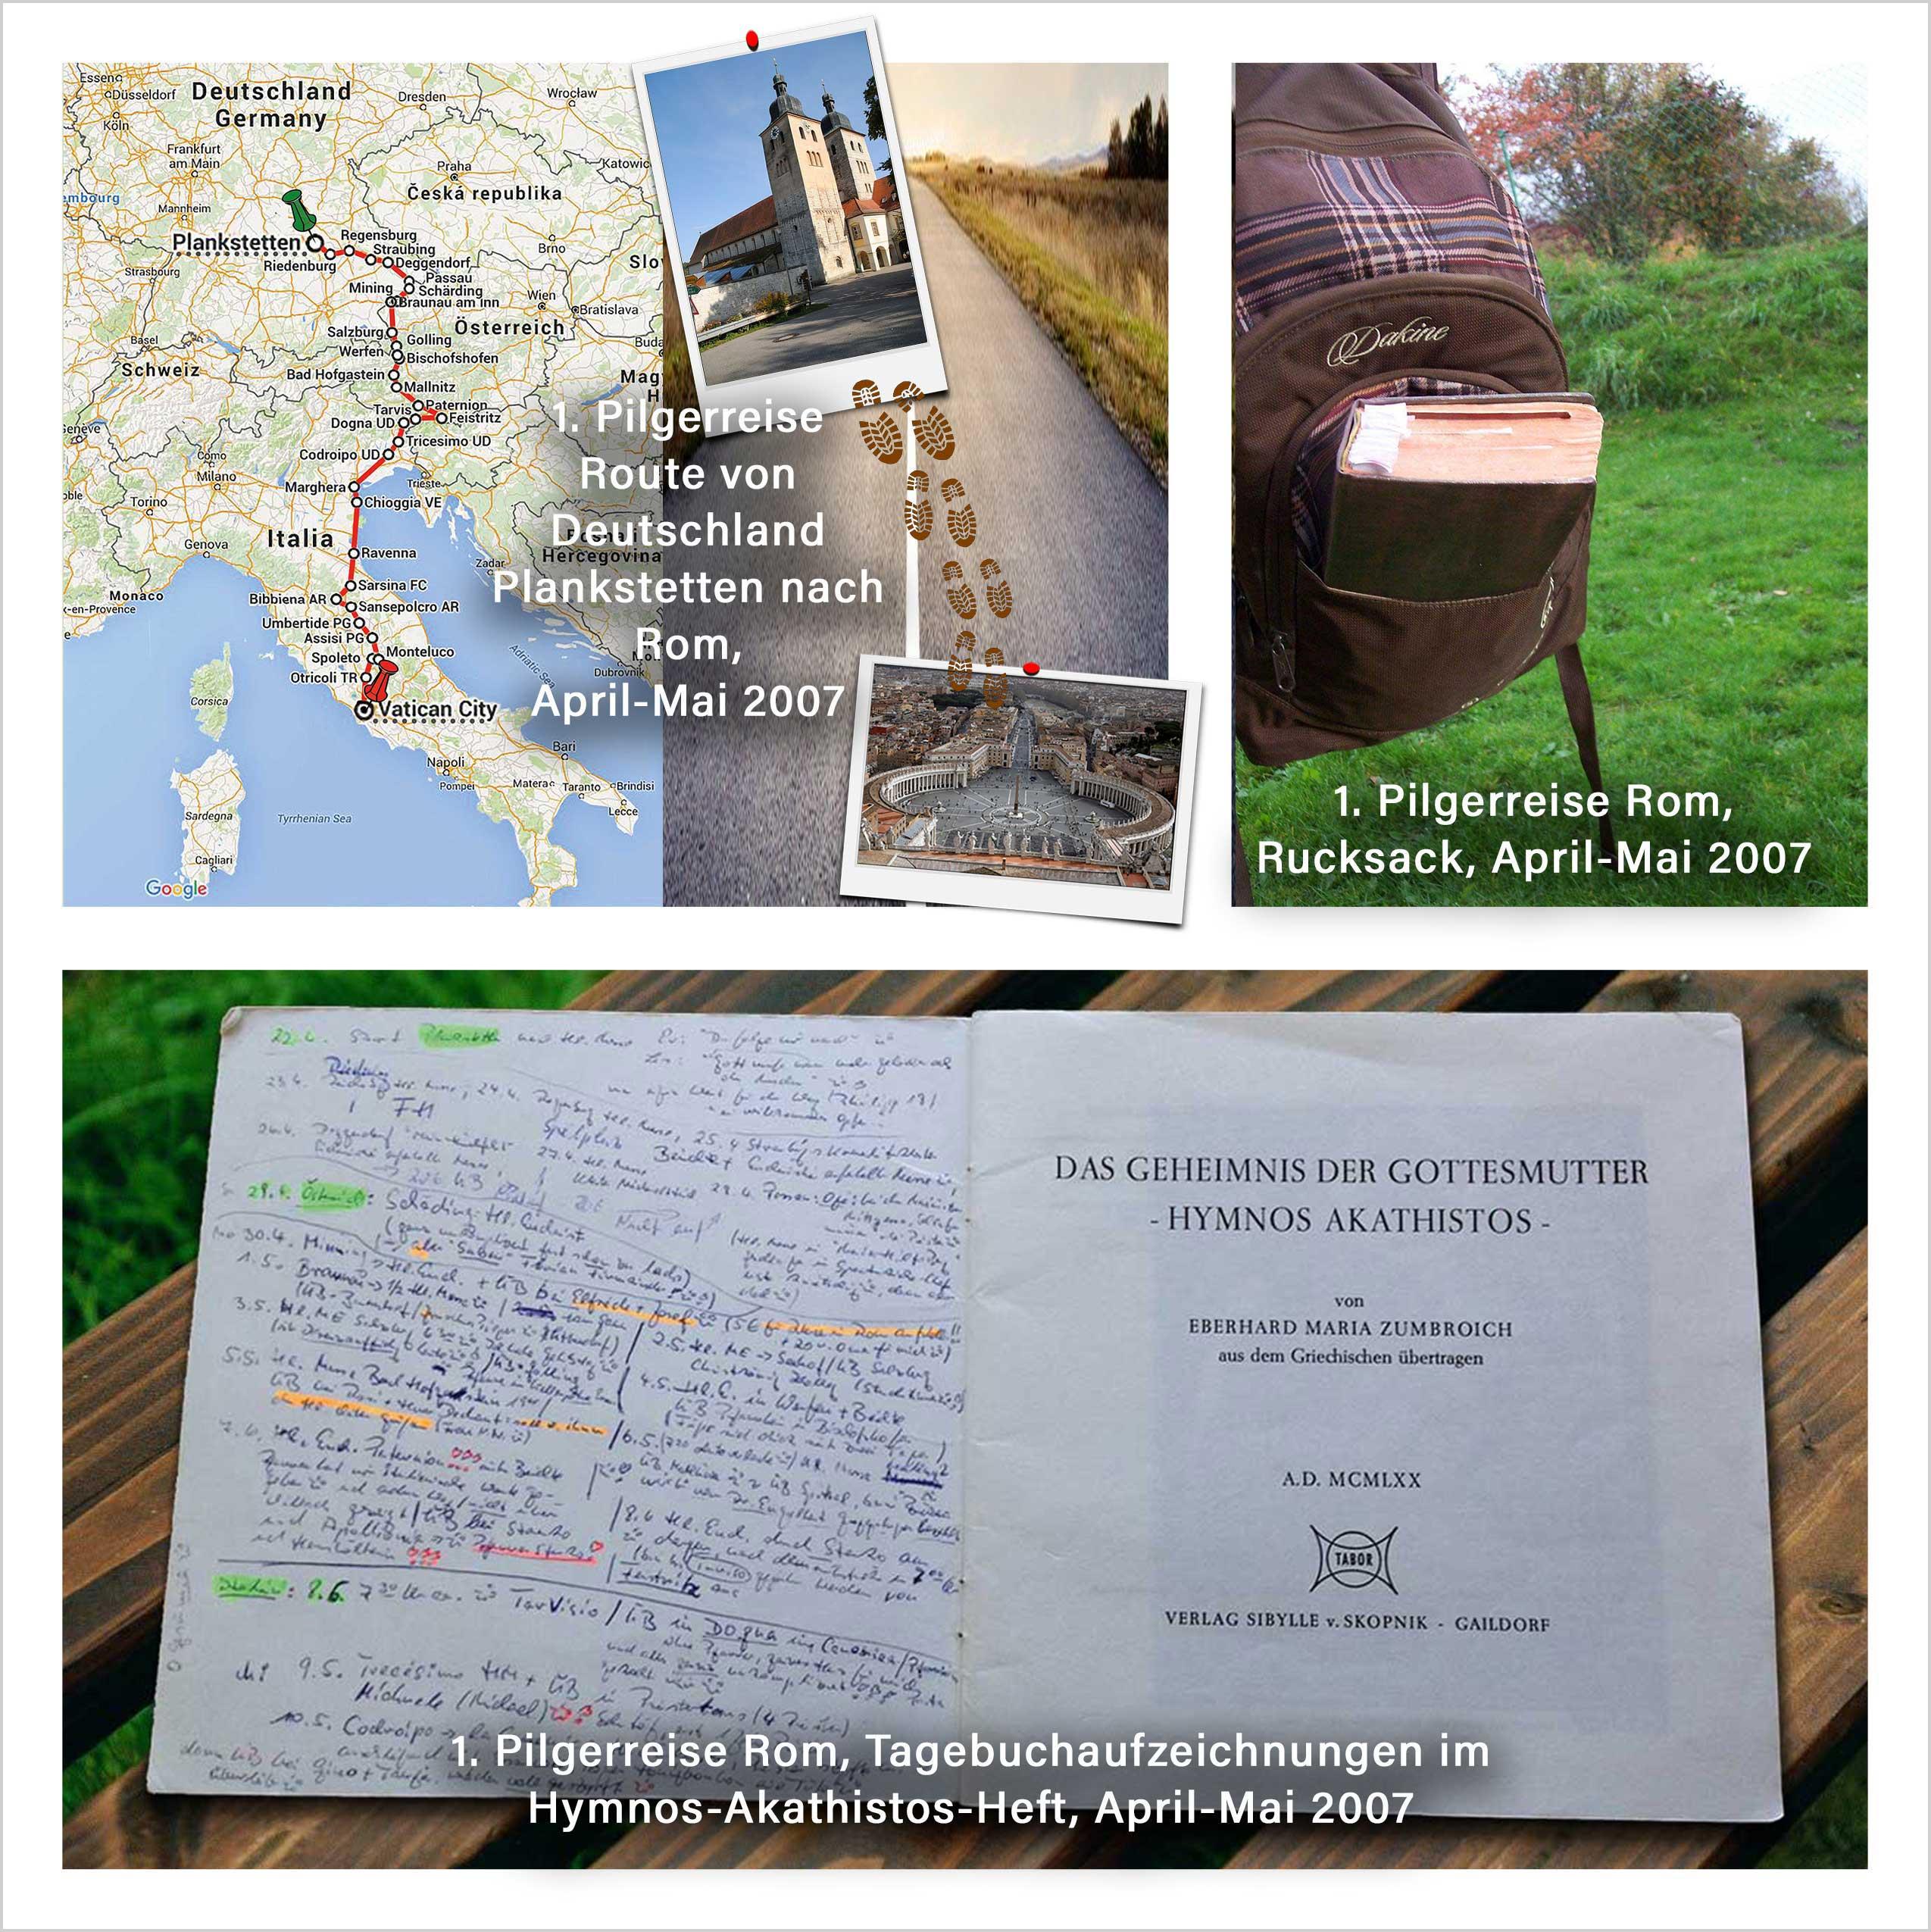 bibel-thailand-kloster-erste-pilgerreise-zu-fuss-nach-rom